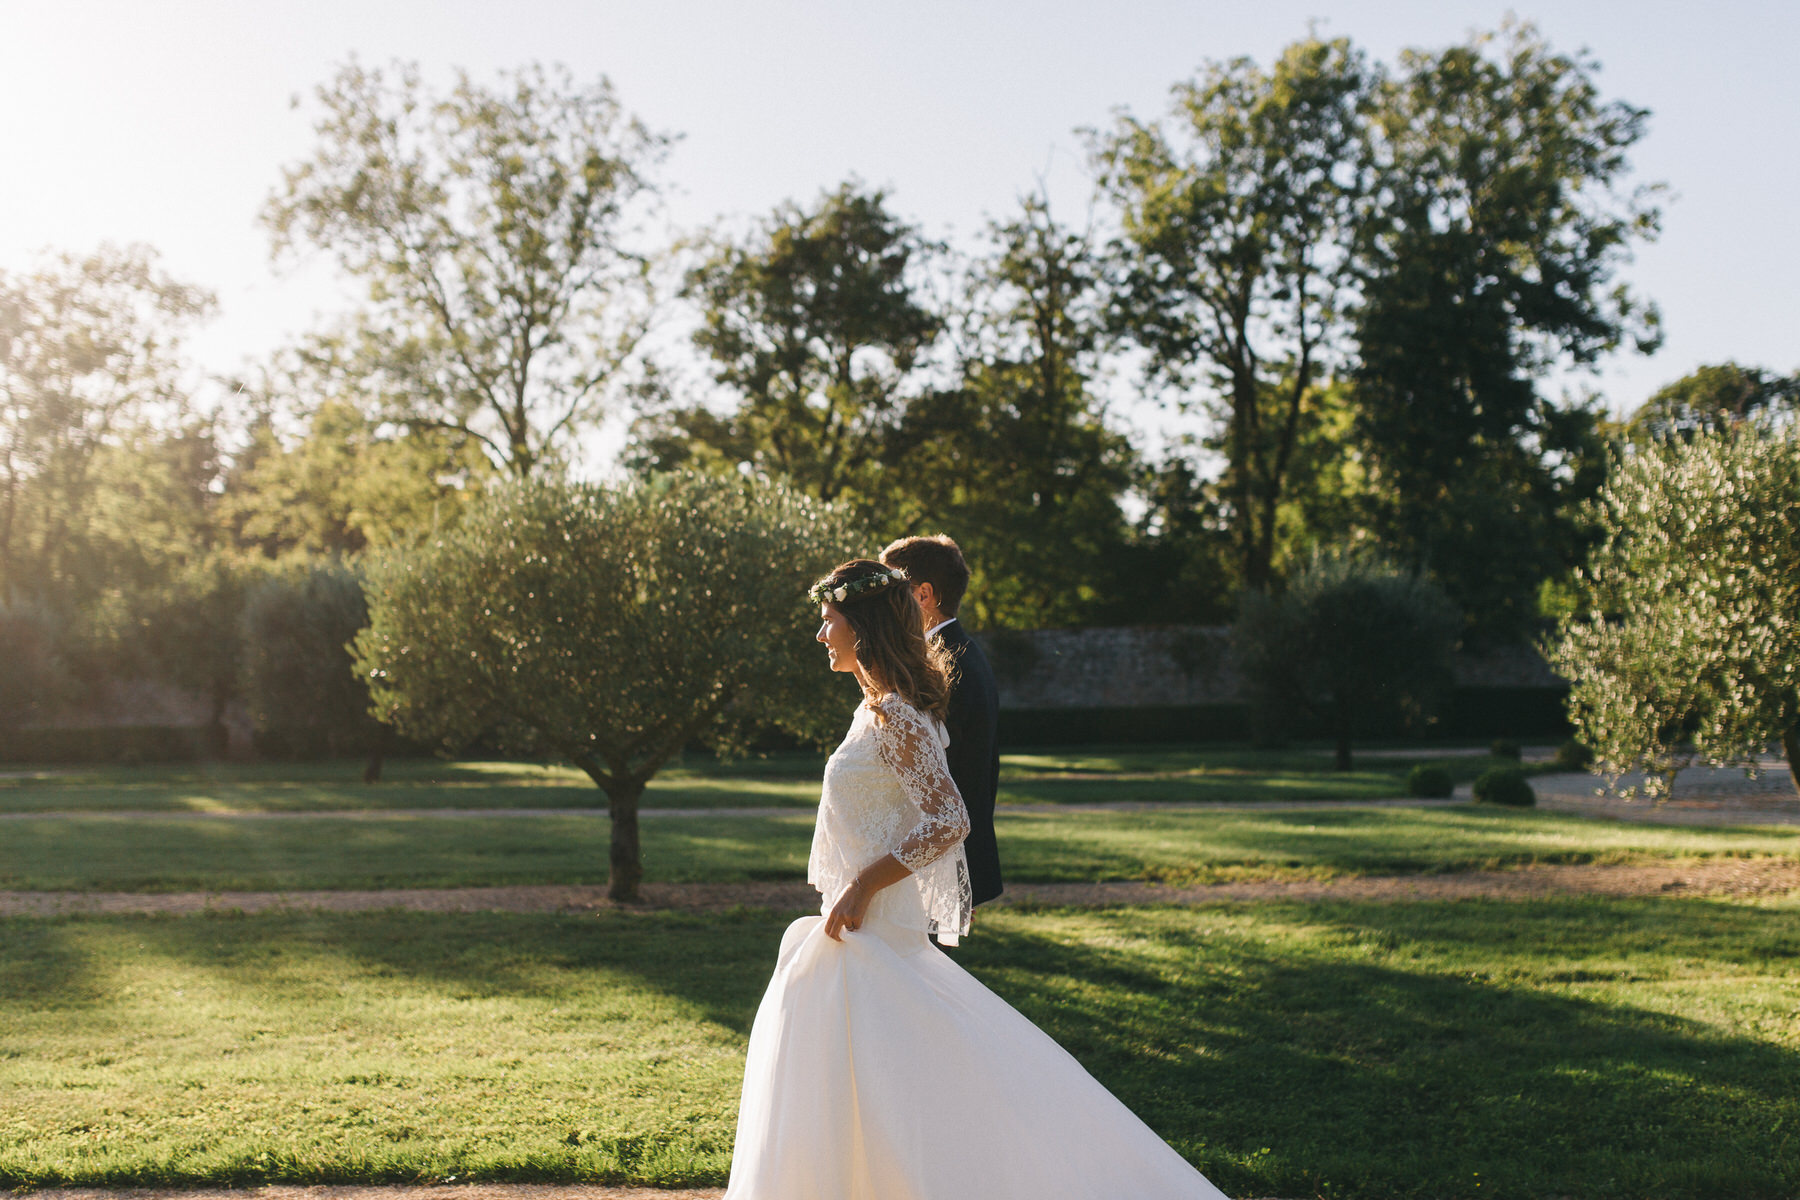 photographe-mariage-wedding-photographer-1